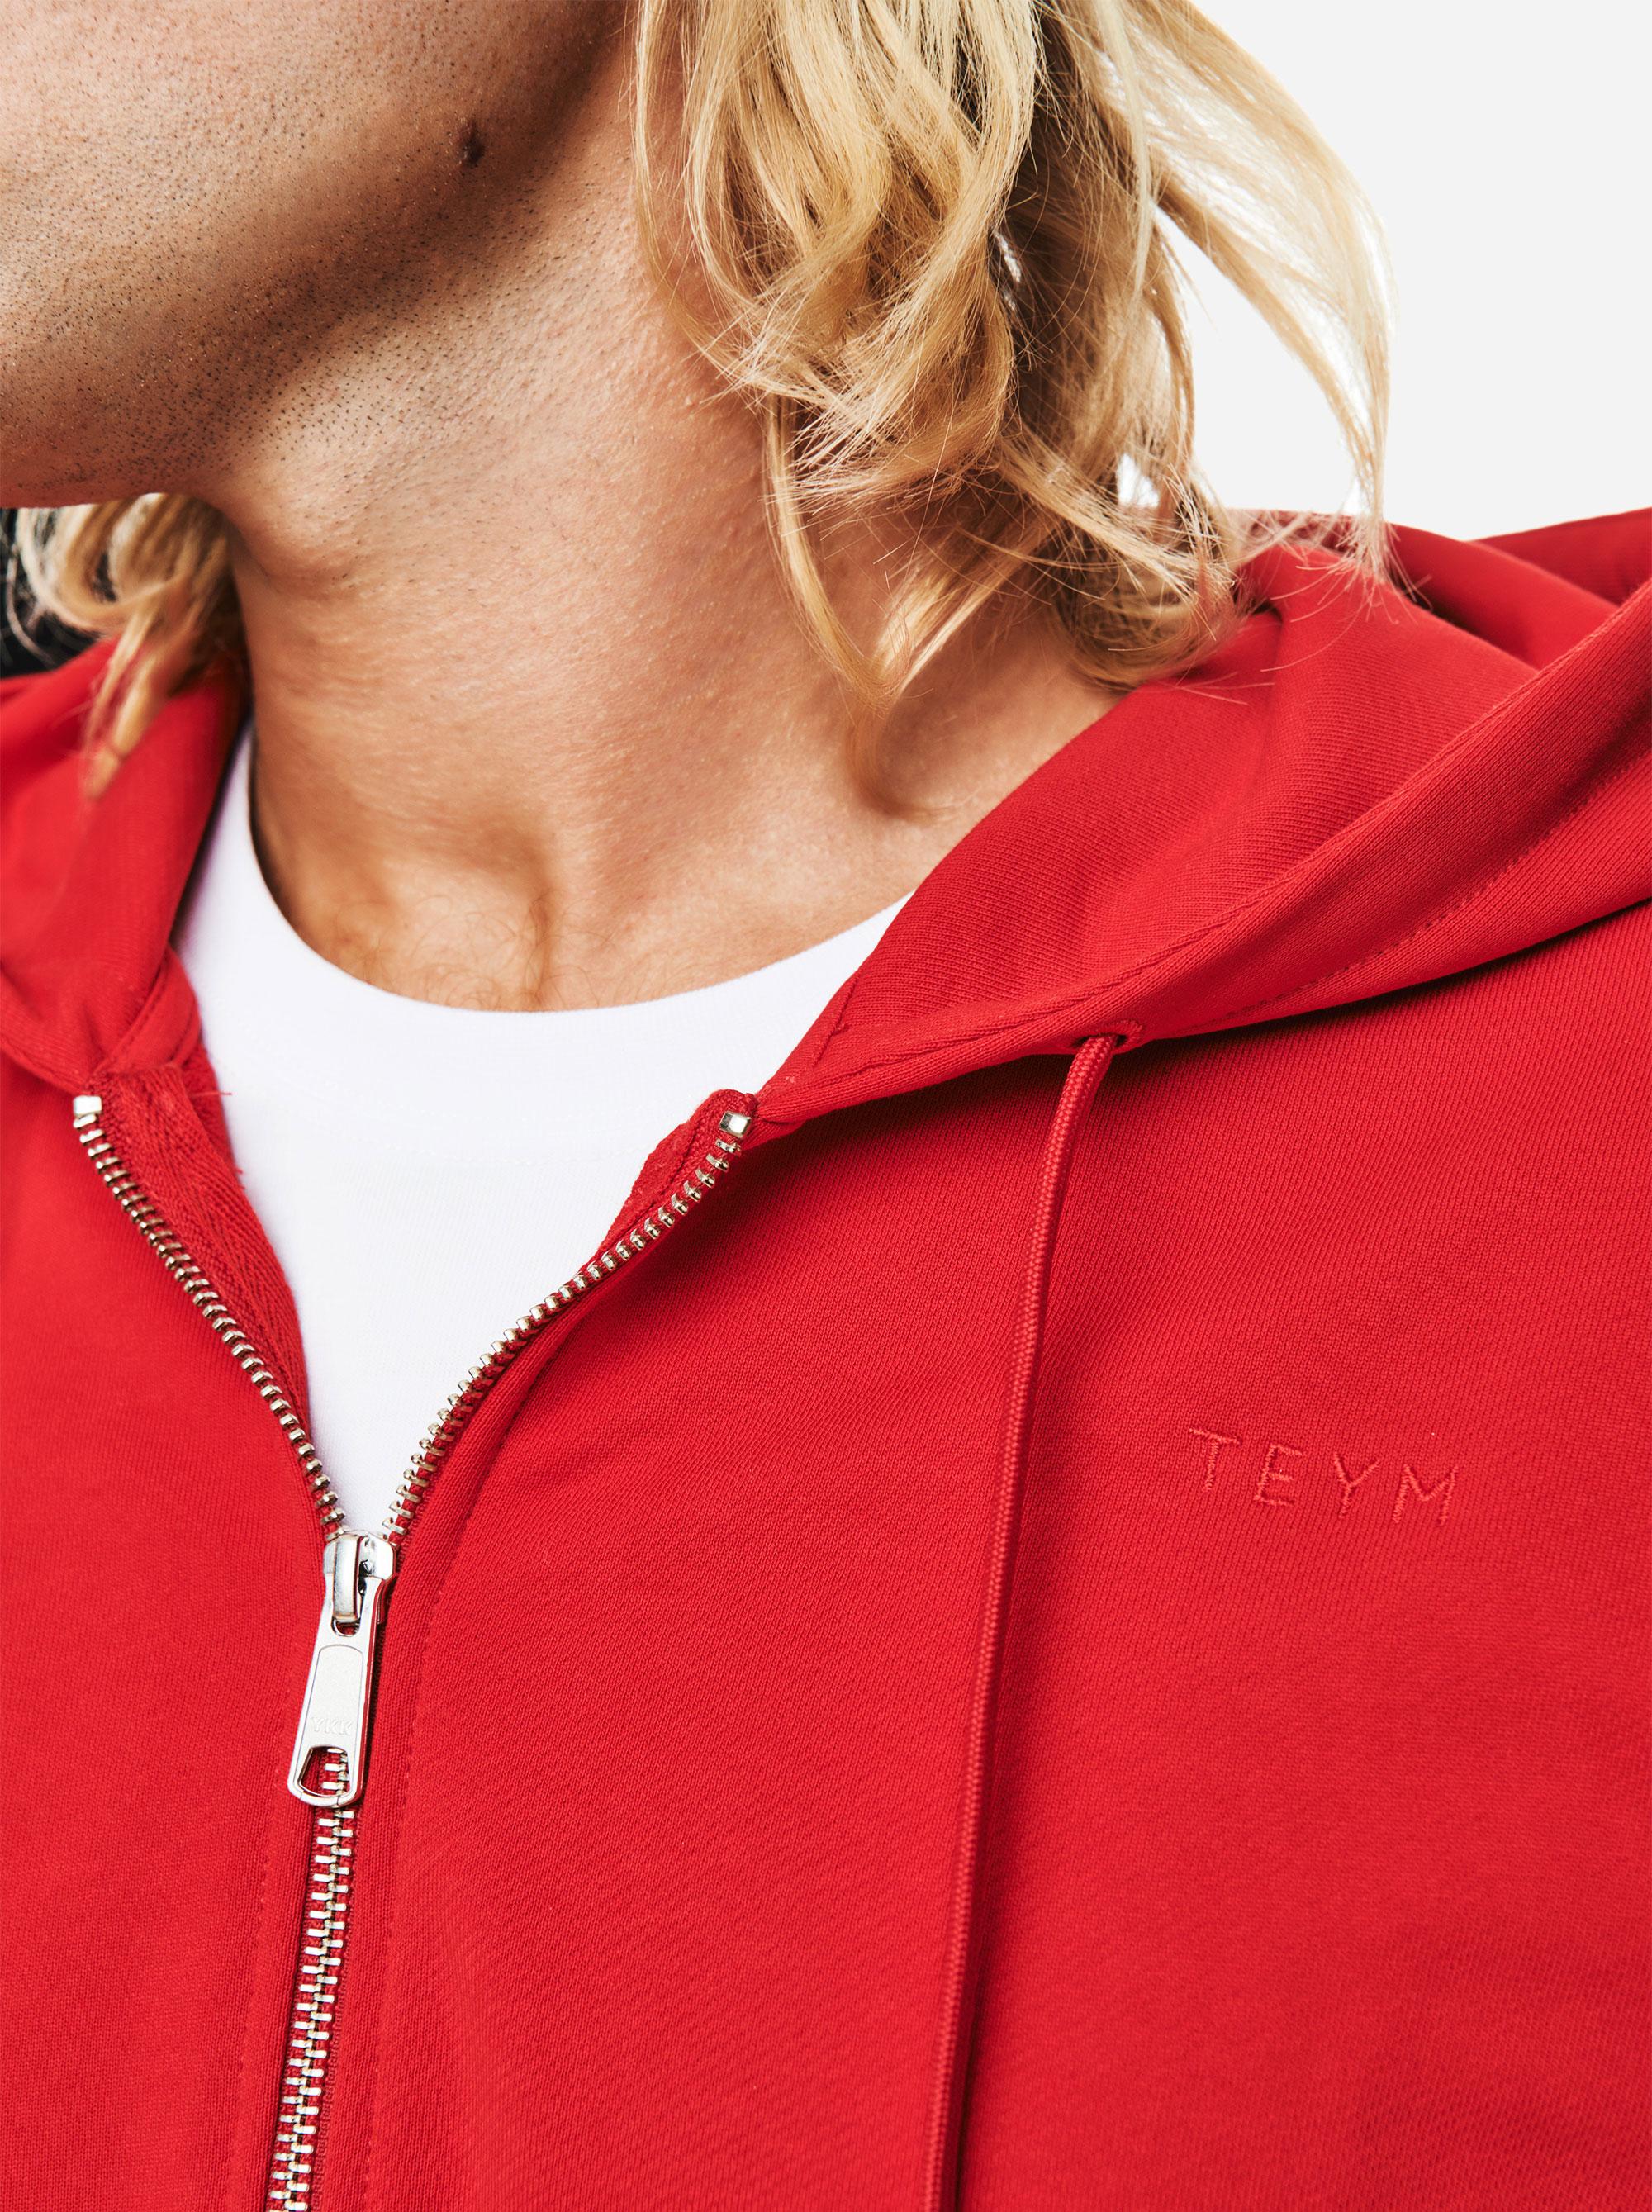 Teym - The Zip Hoodie - Men - Red - 3